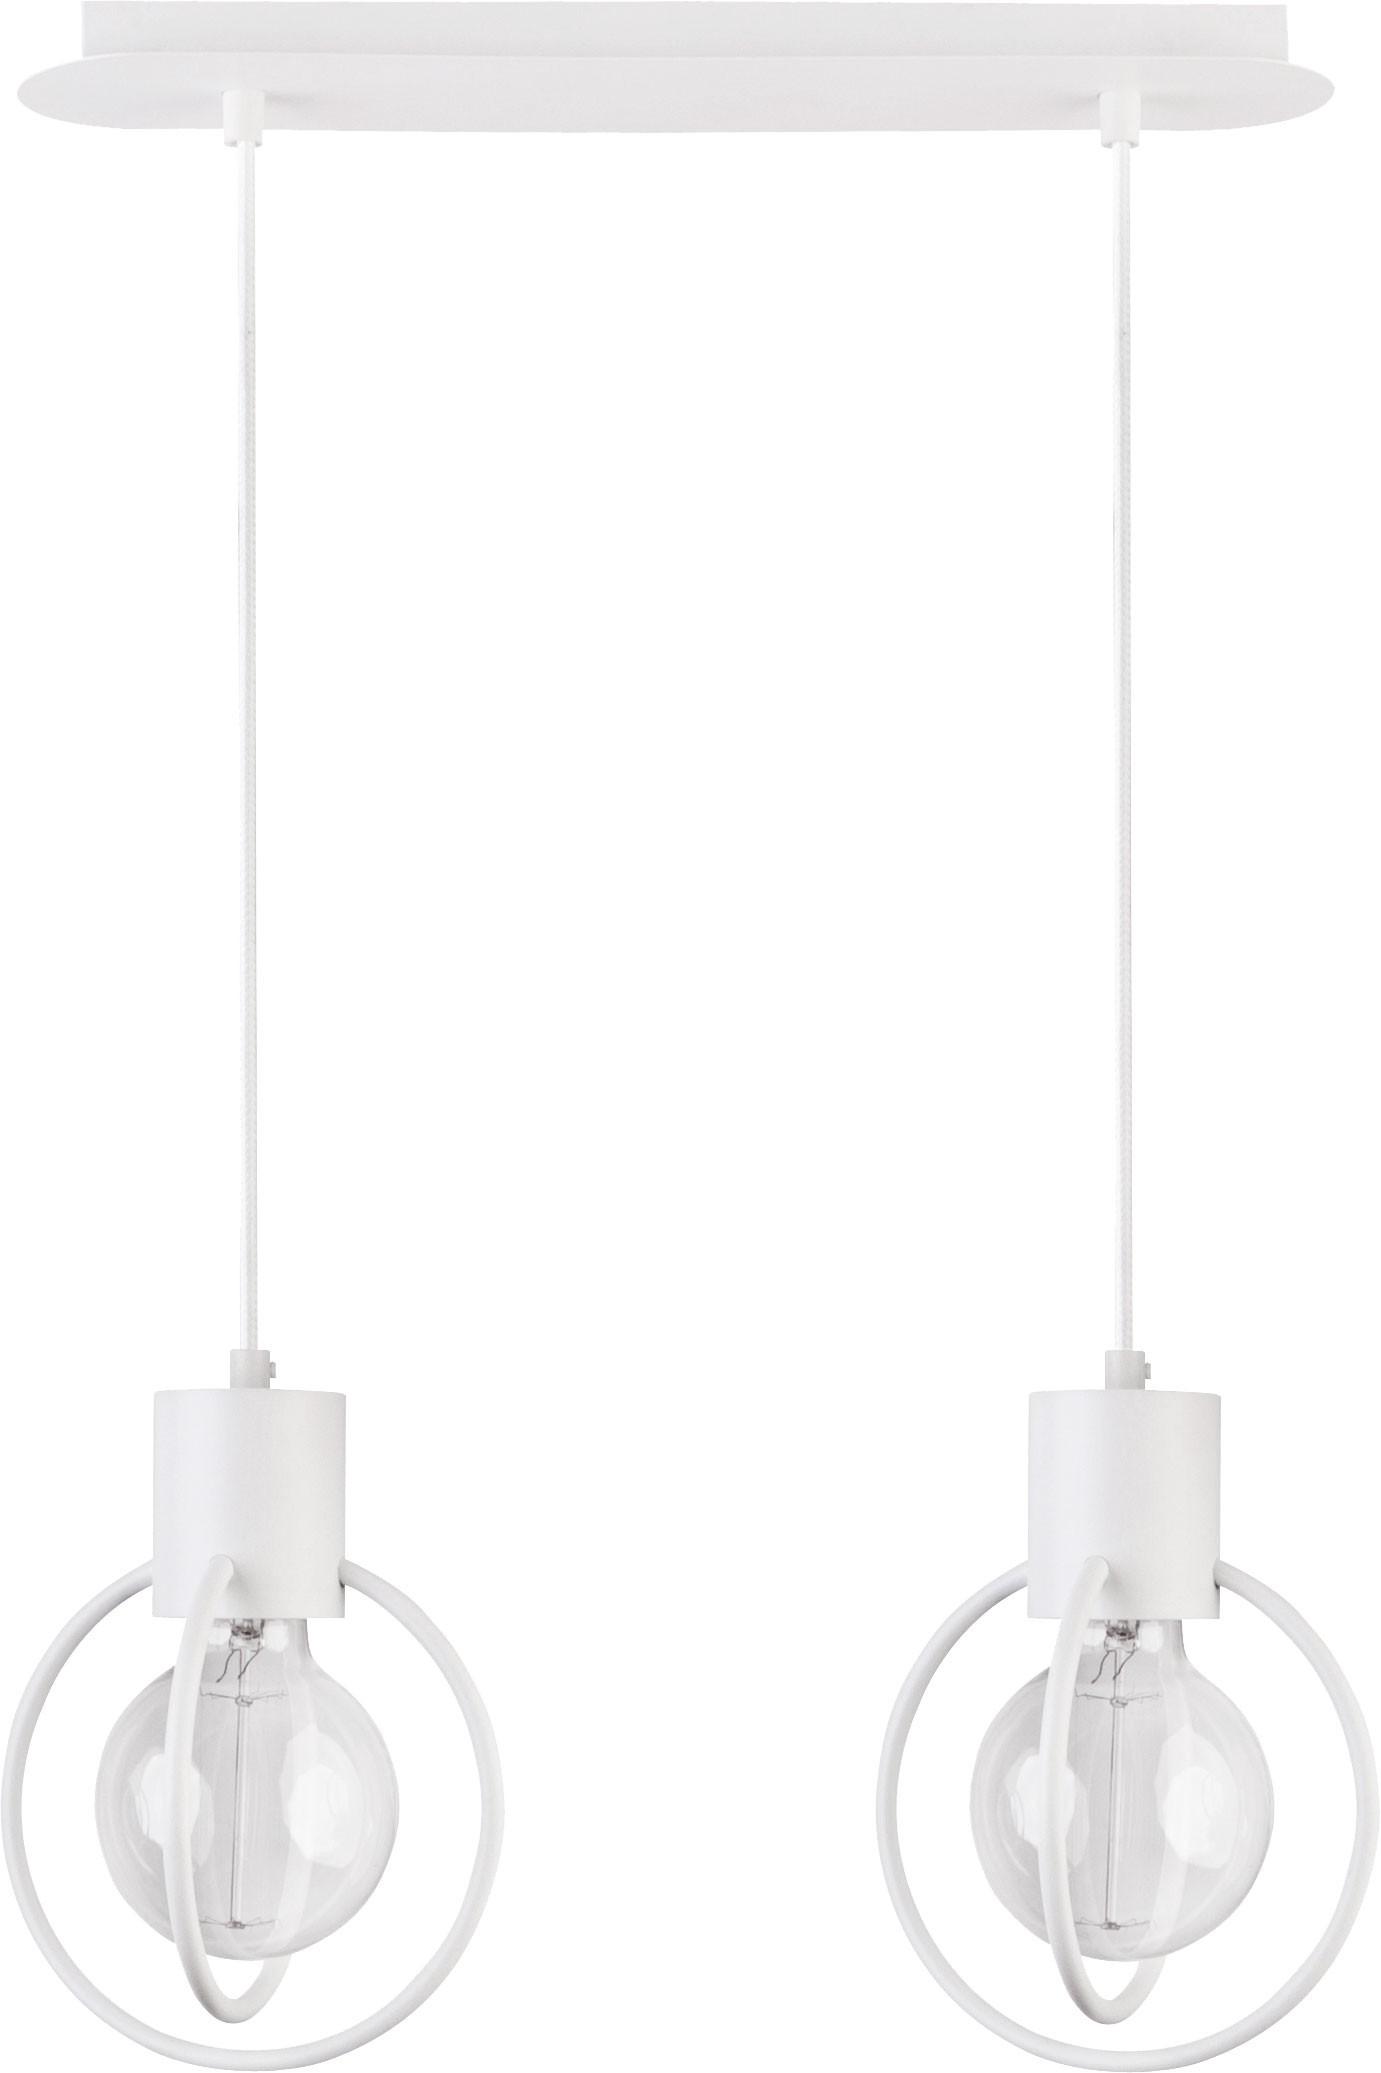 Lampa wisząca Aura koło 2 biała mat 31100 - Sigma Do -17% rabatu w koszyku i darmowa dostawa od 299zł !